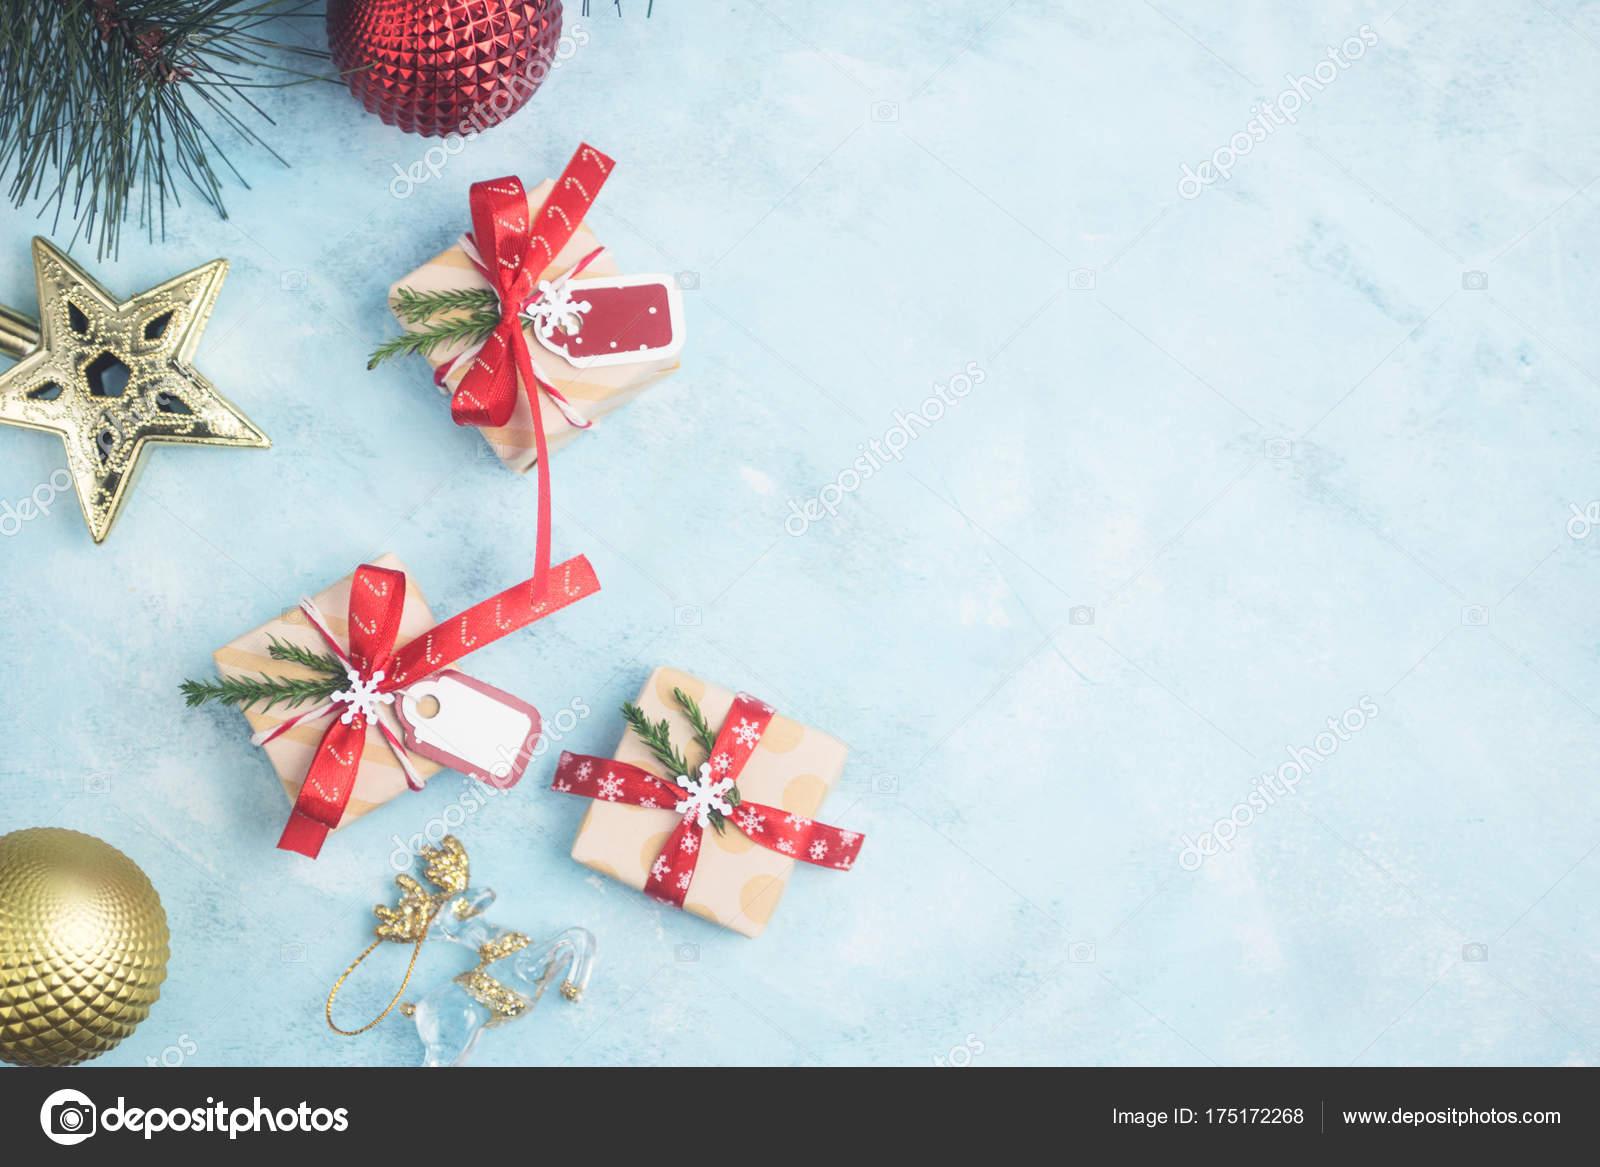 Wohnung Legen Draufsicht Weihnachtsgeschenke Mit Spielzeug Auf ...